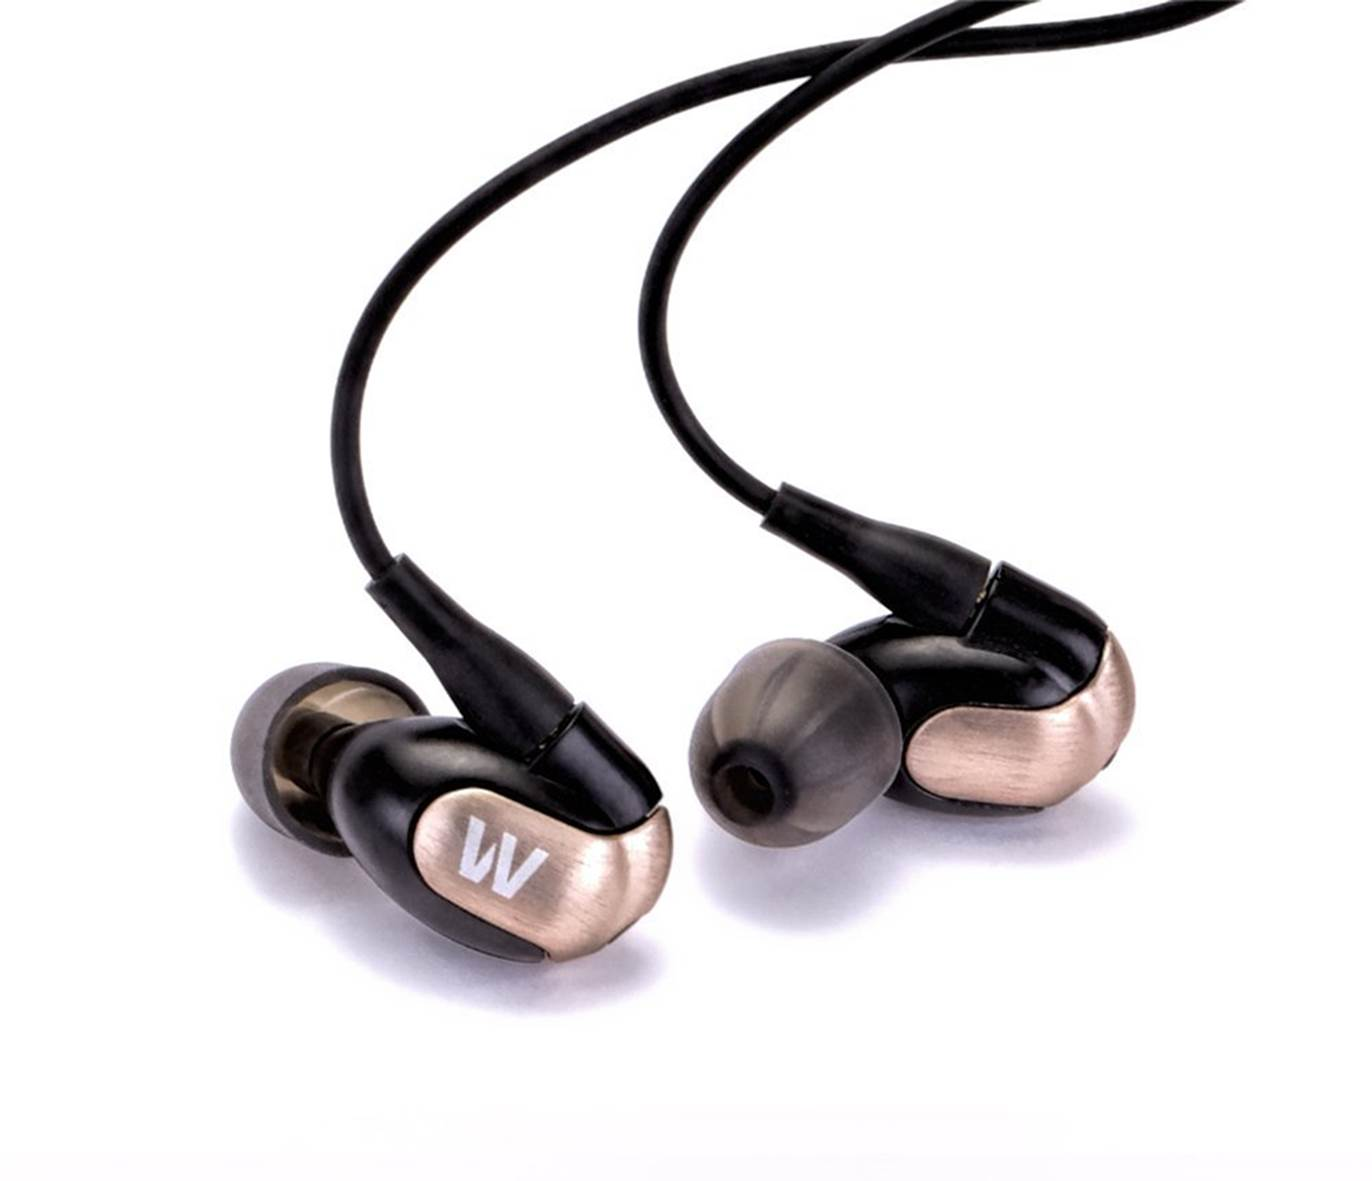 Westone 78505 W50 Best Bass Earbuds